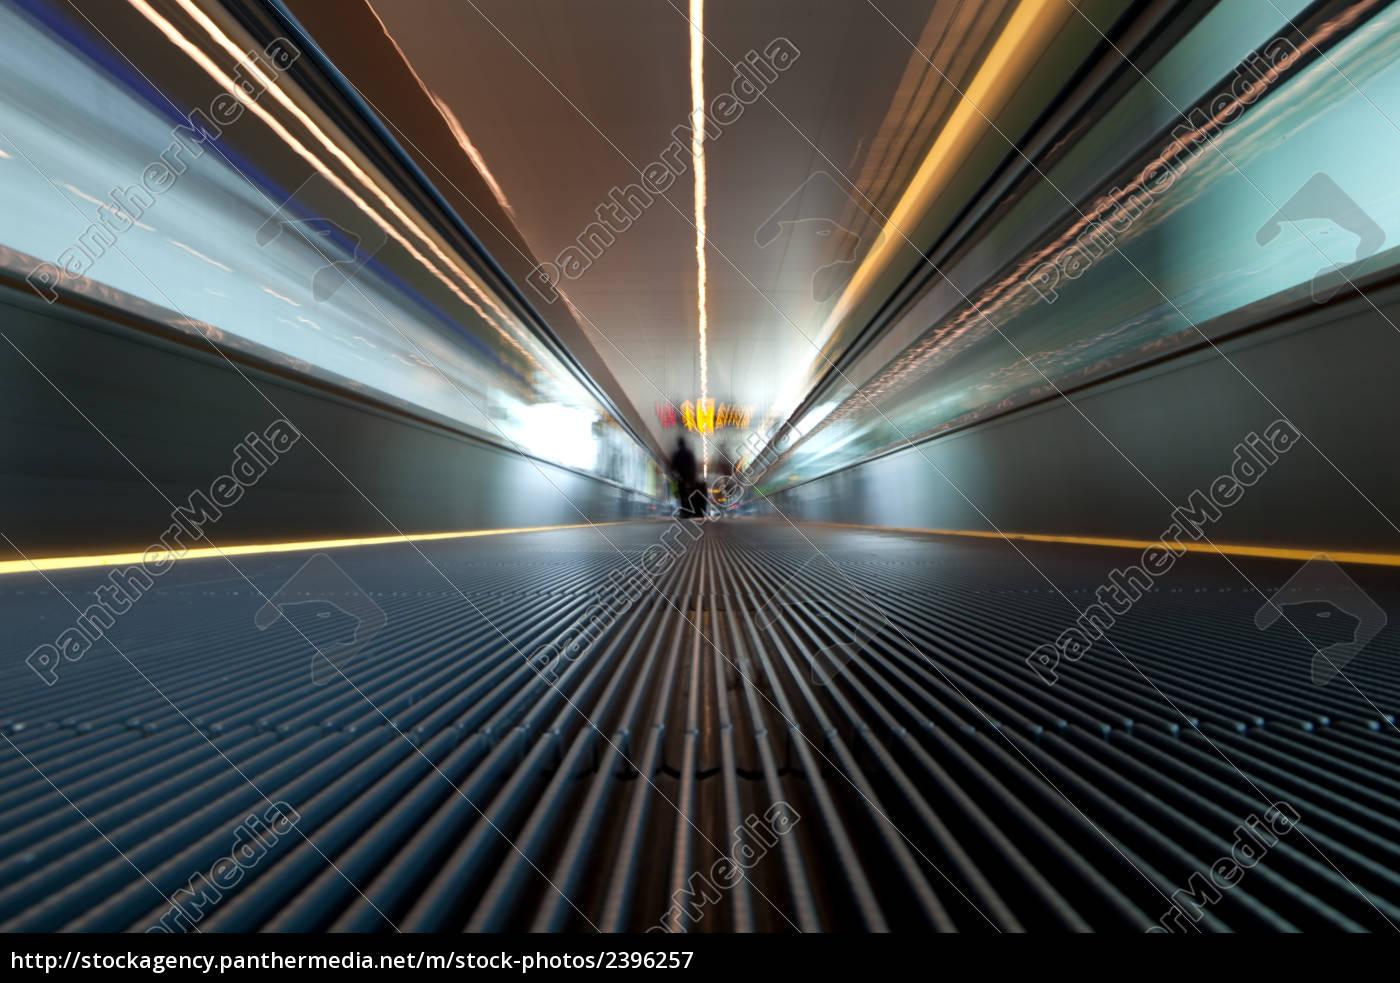 treadmill, at, an, airport - 2396257